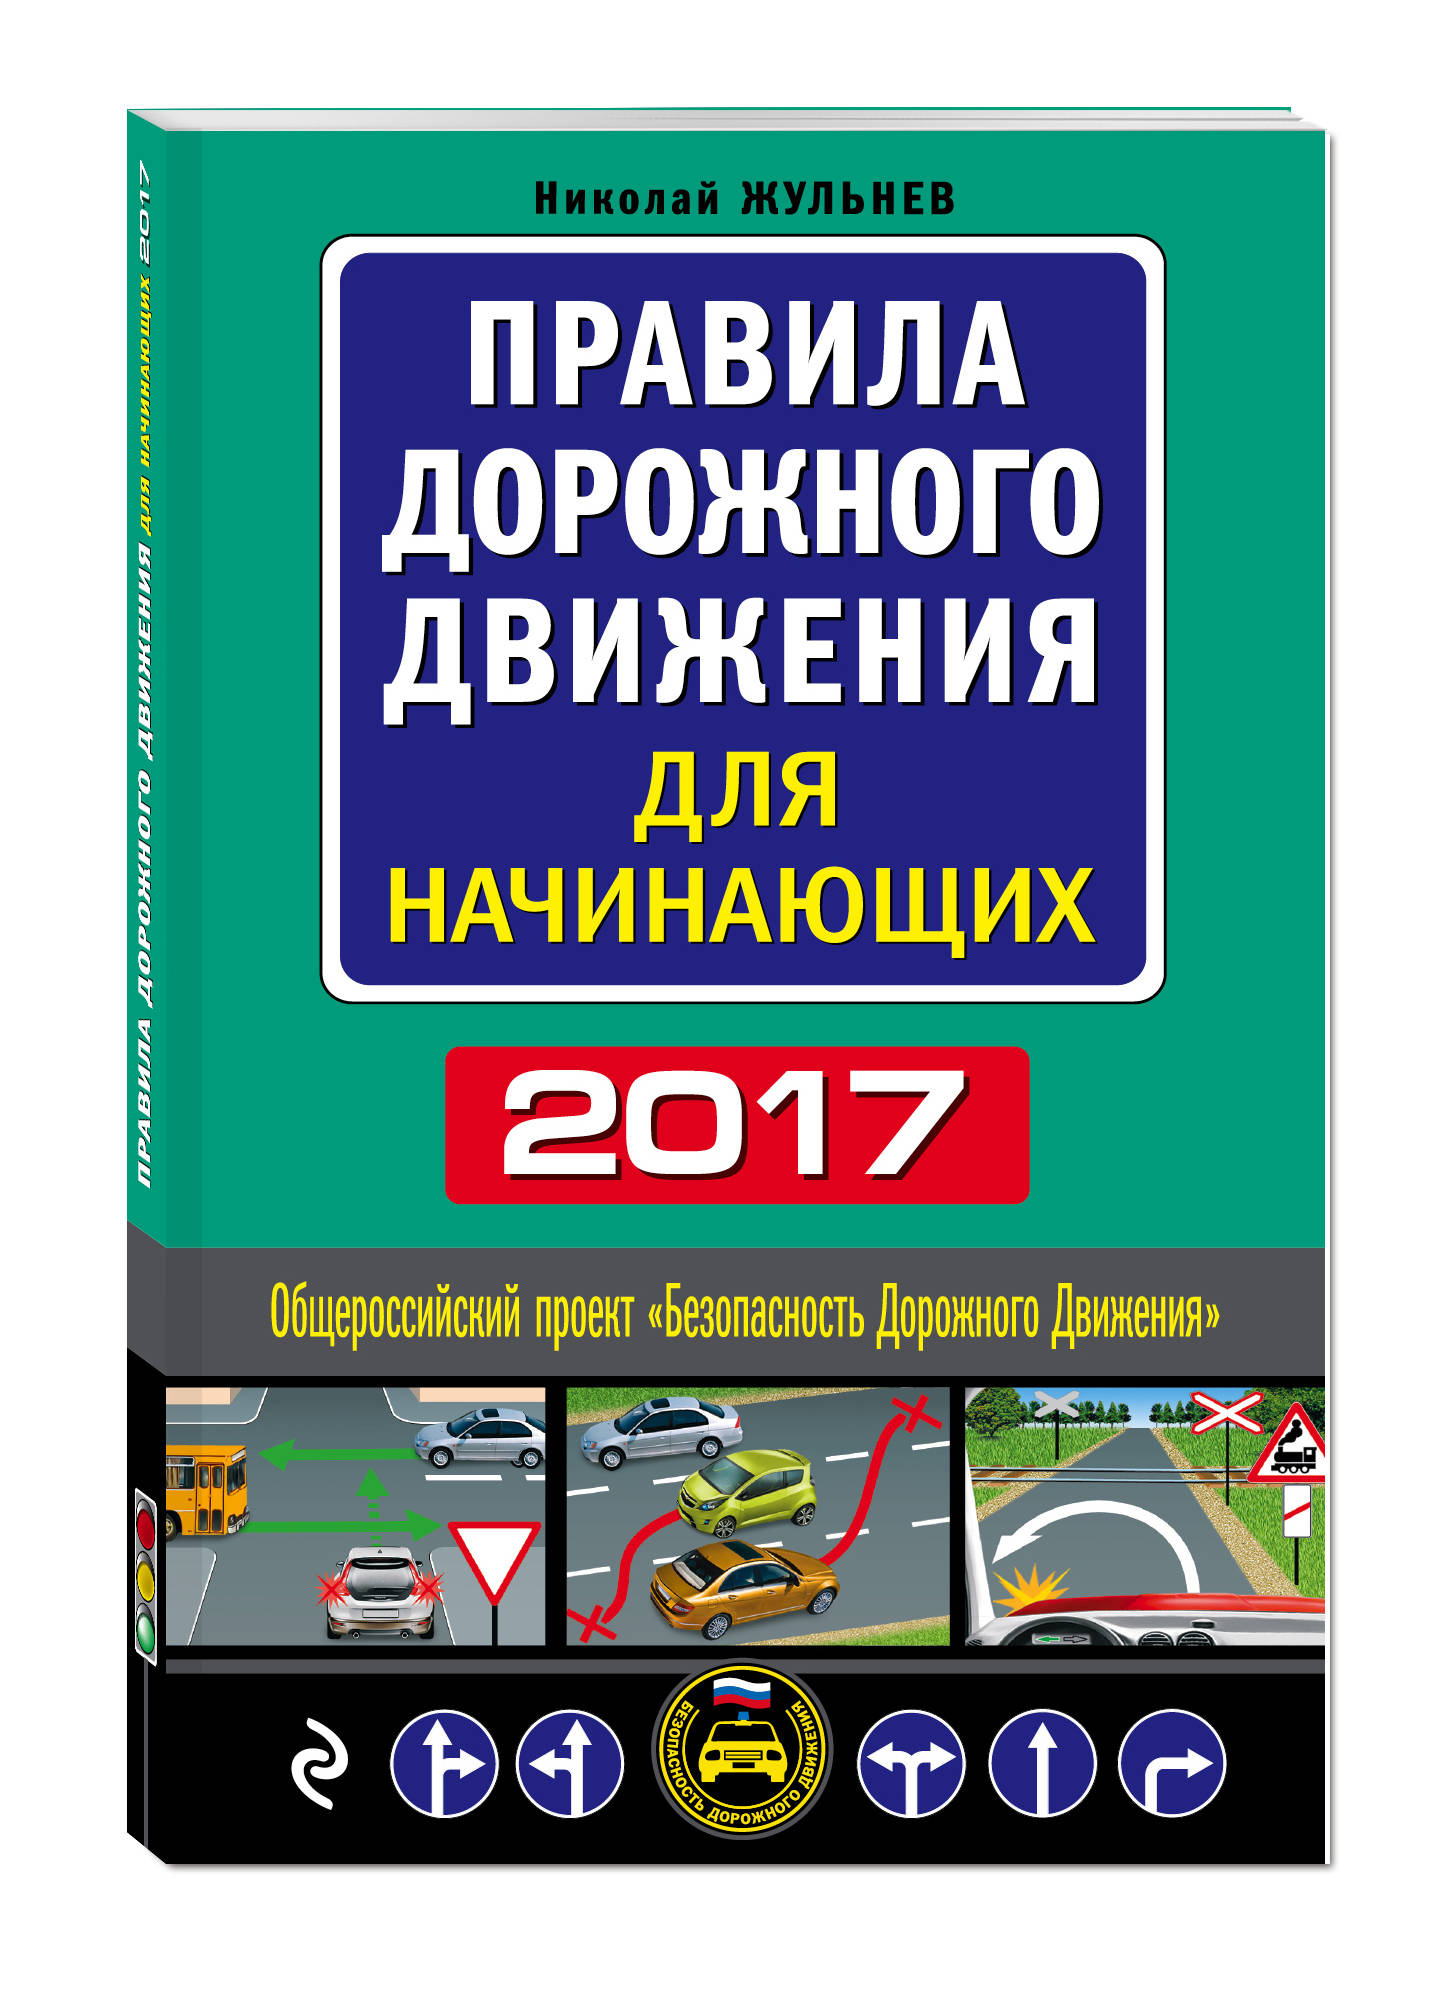 Жульнев Н. Правила дорожного движения для начинающих с изм. на 2017 жульнев н правила дорожного движения для начинающих с изм на 2017